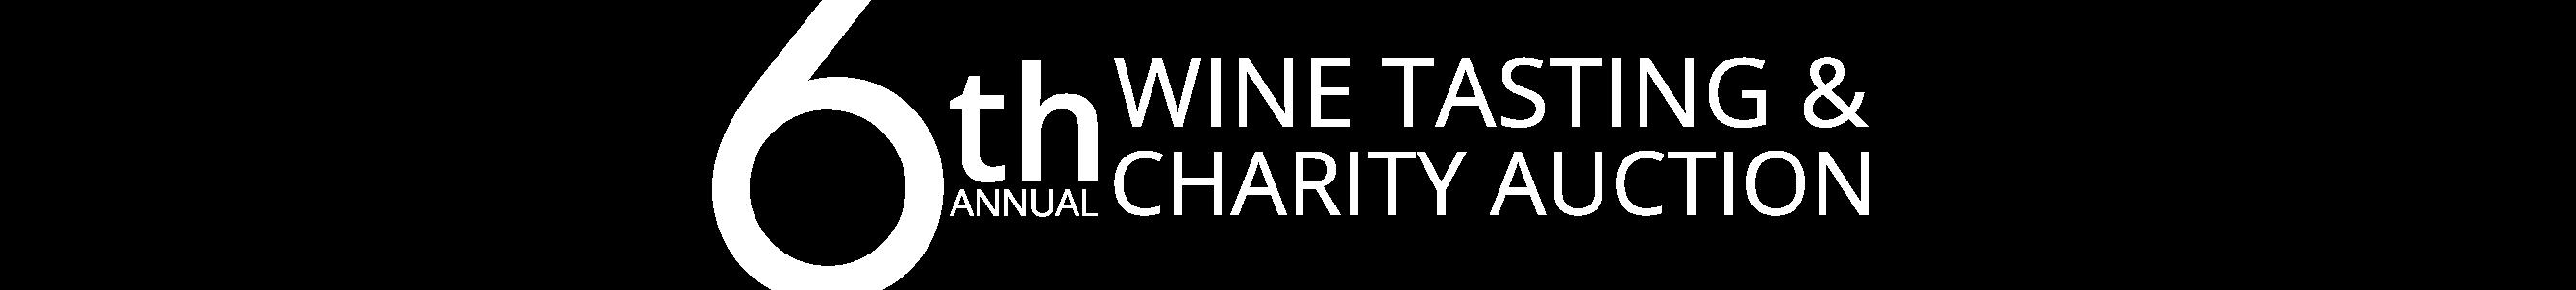 wine-banner-txt